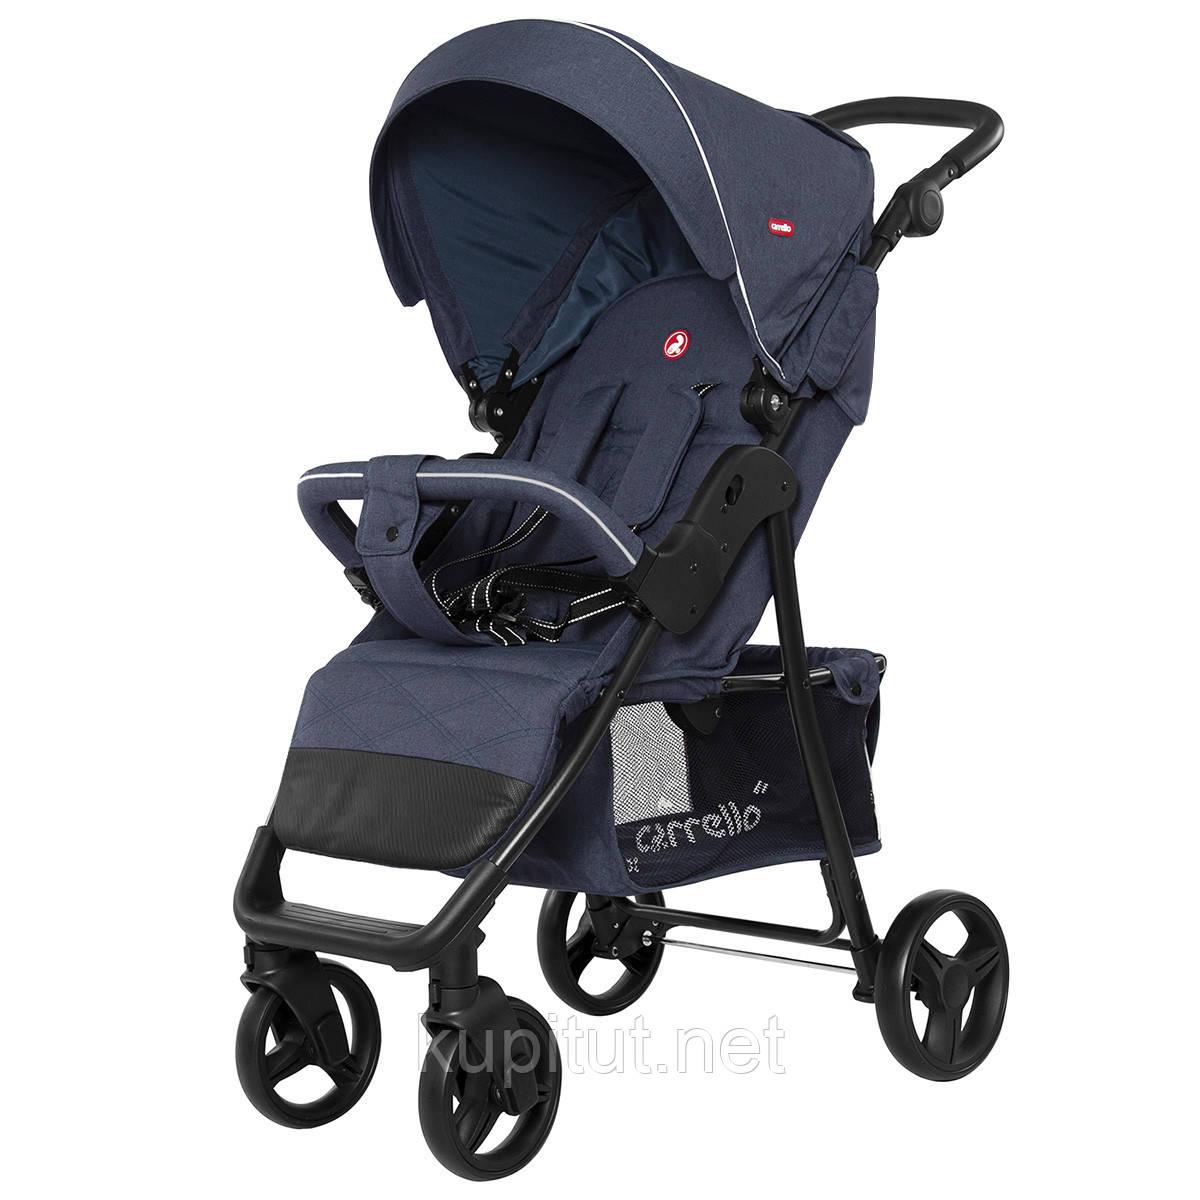 Коляска прогулочная детская CARRELLO Quattro CRL-8502/2 Navy Blue синяя +дождевик M